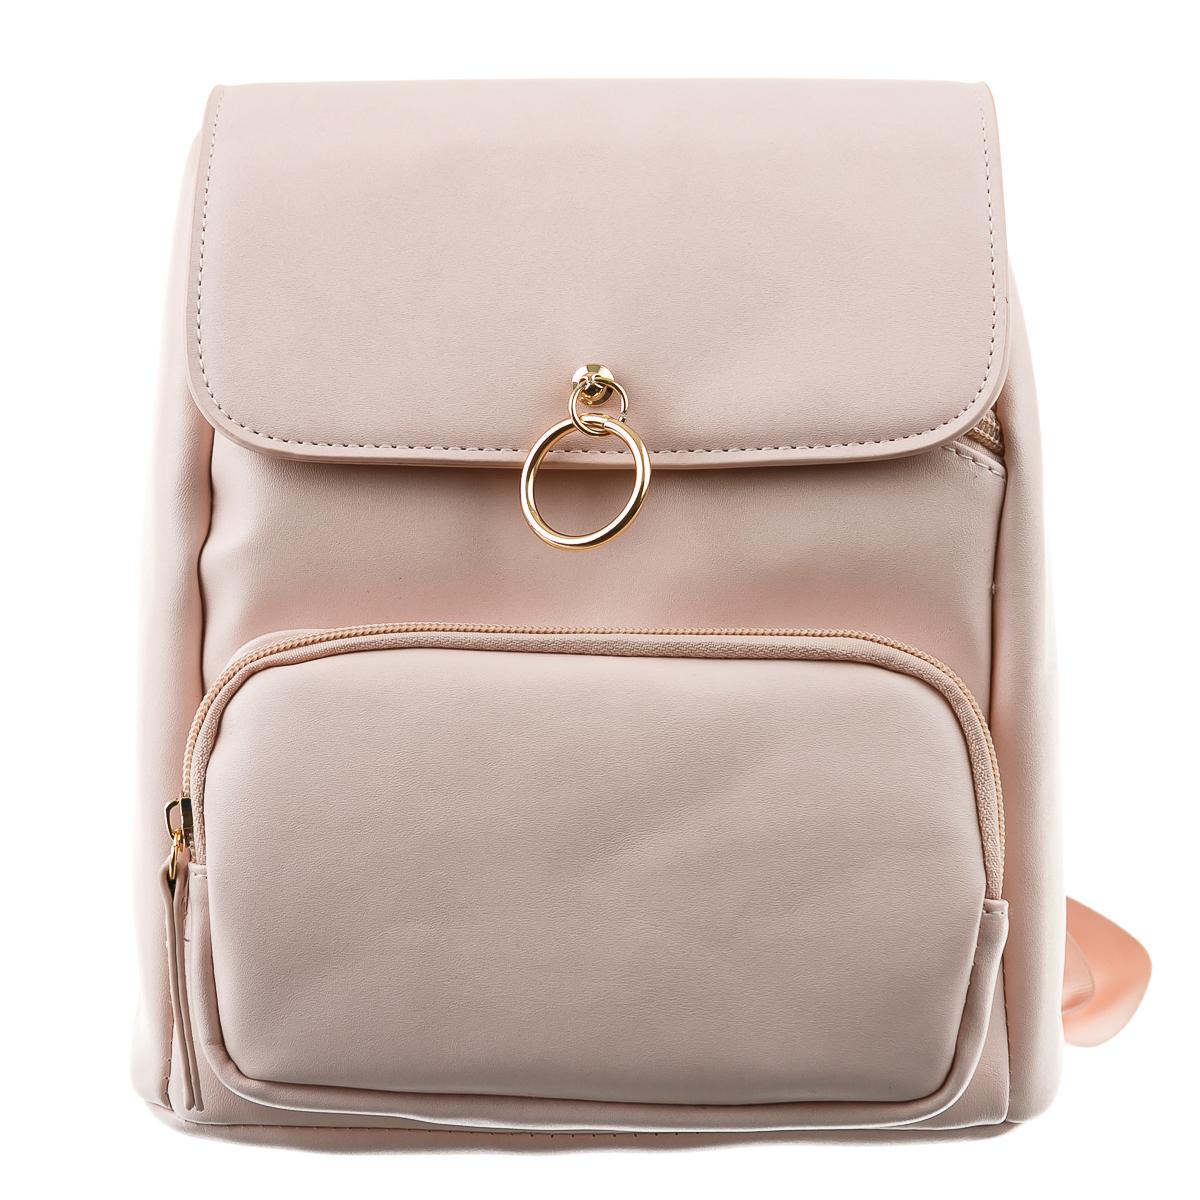 Рюкзак розовый с прямоугольным отделением и маленьким кольцом